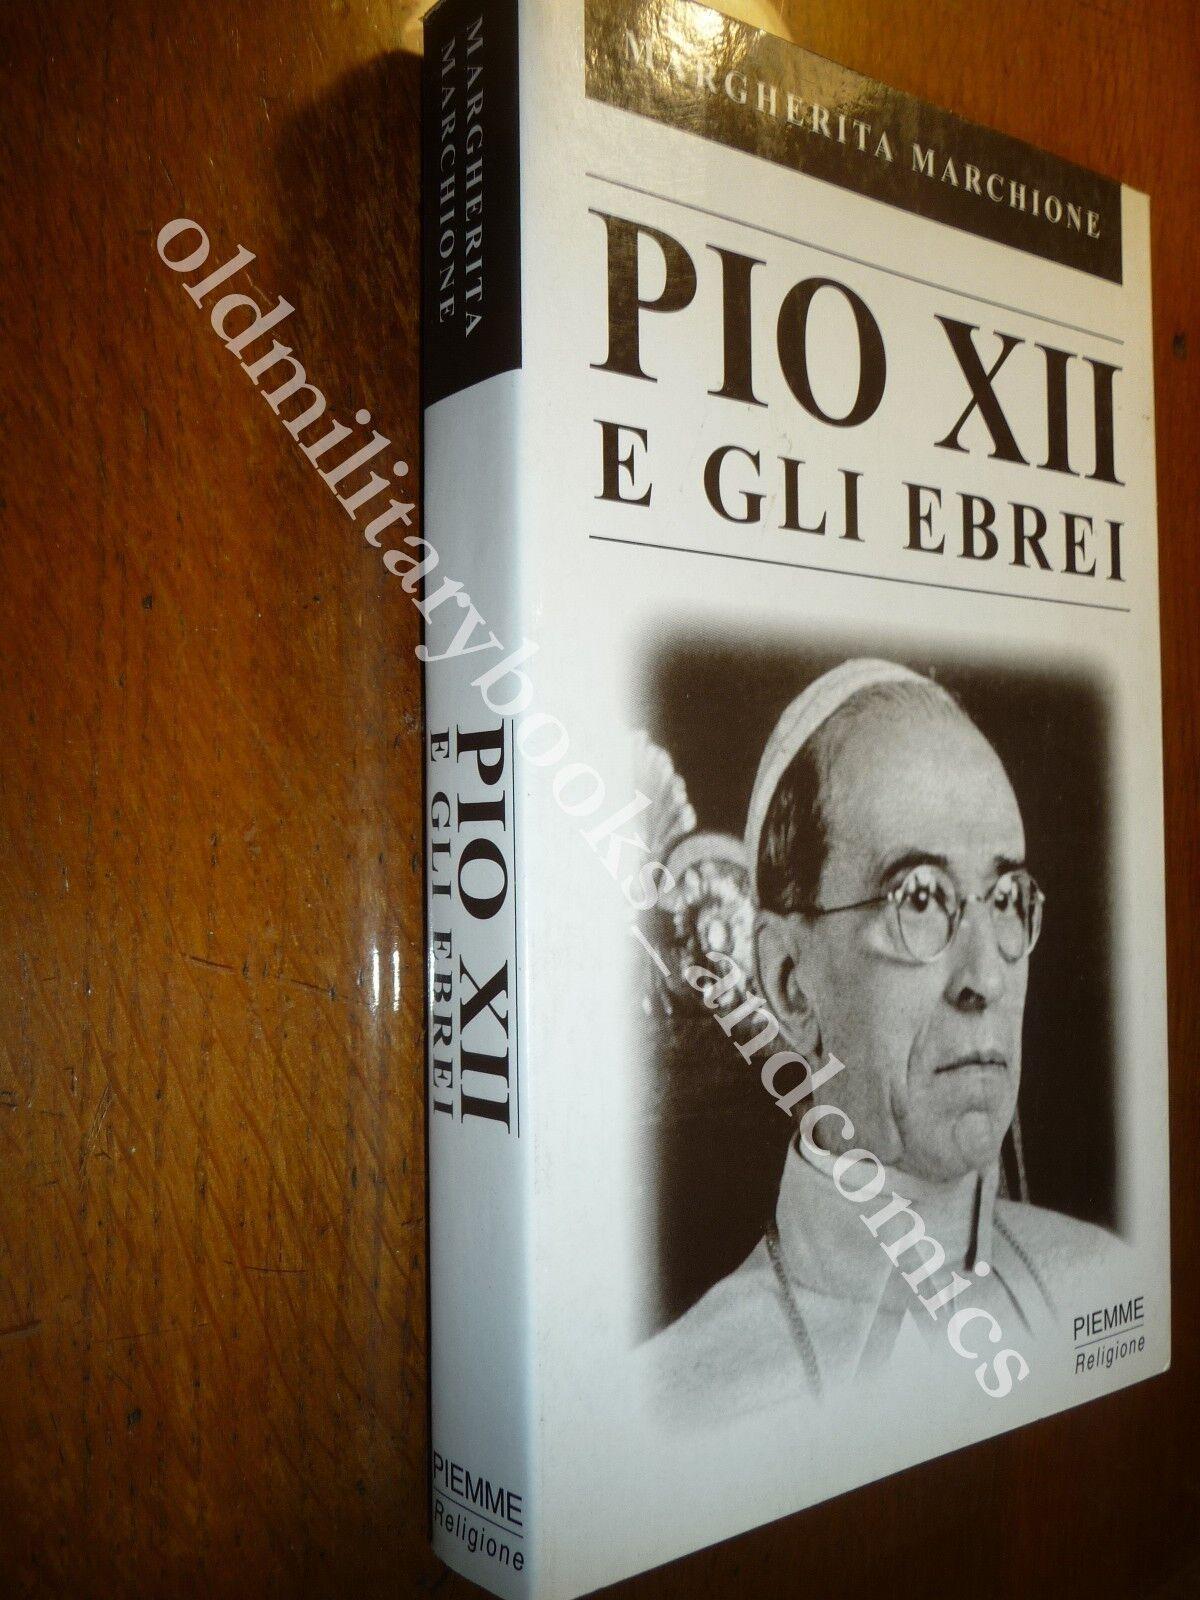 PIO XII E GLI EBREI MARGHERITA MARCHIONE IL RAPPORTO TRA CHIESA ED EBREI IN WWII